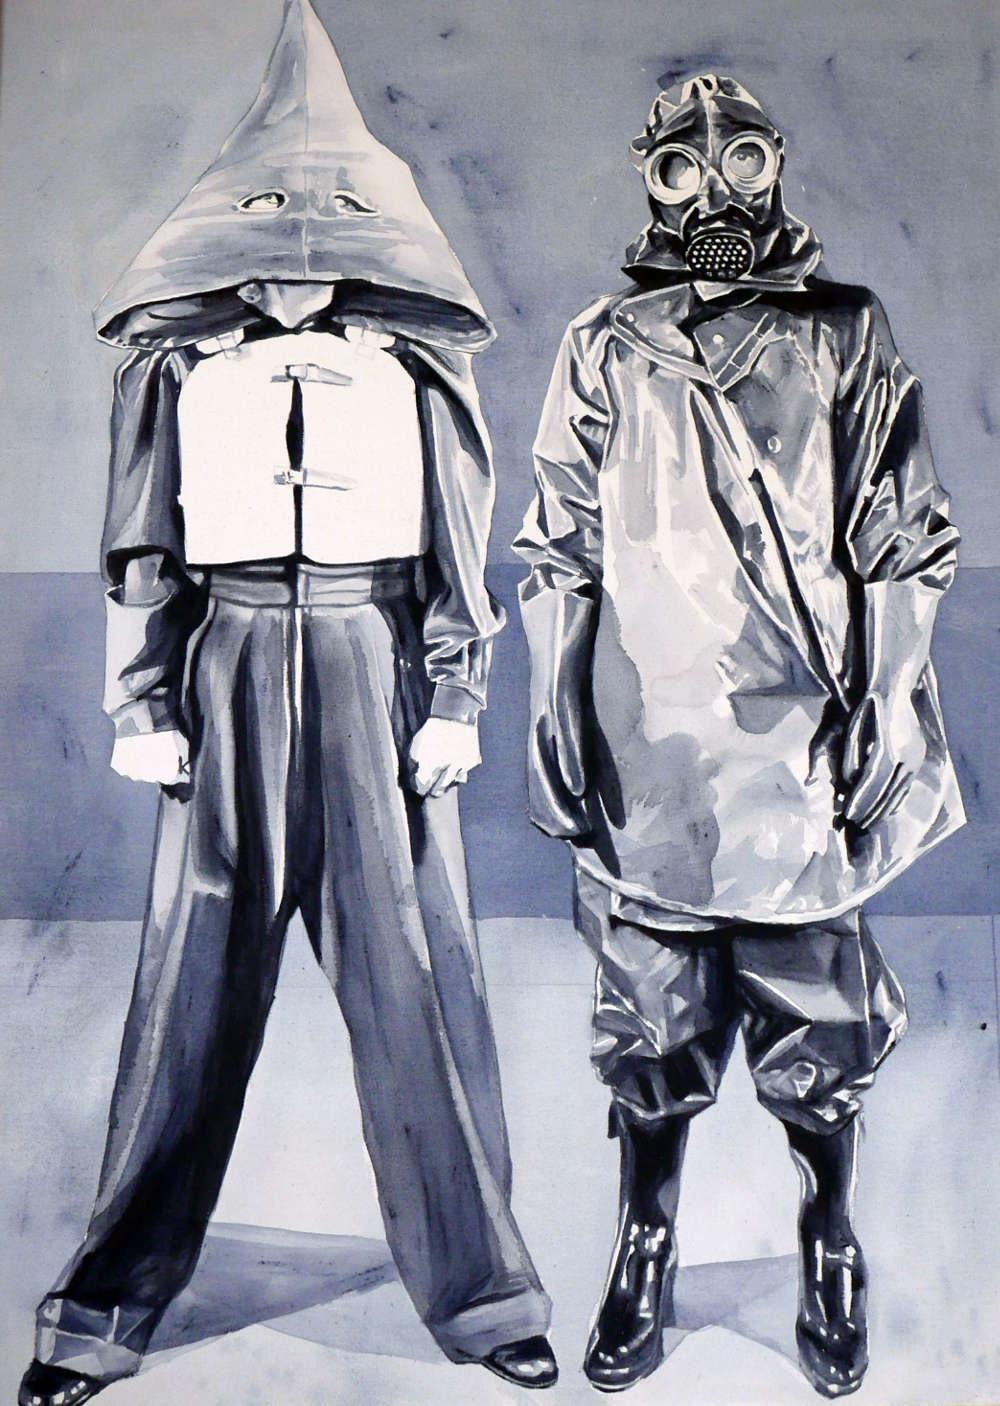 Giulia Andreani, Mammine, 2017. Acrylic on canvas 130 x 97 cm (51.18 x 38.19 inches)